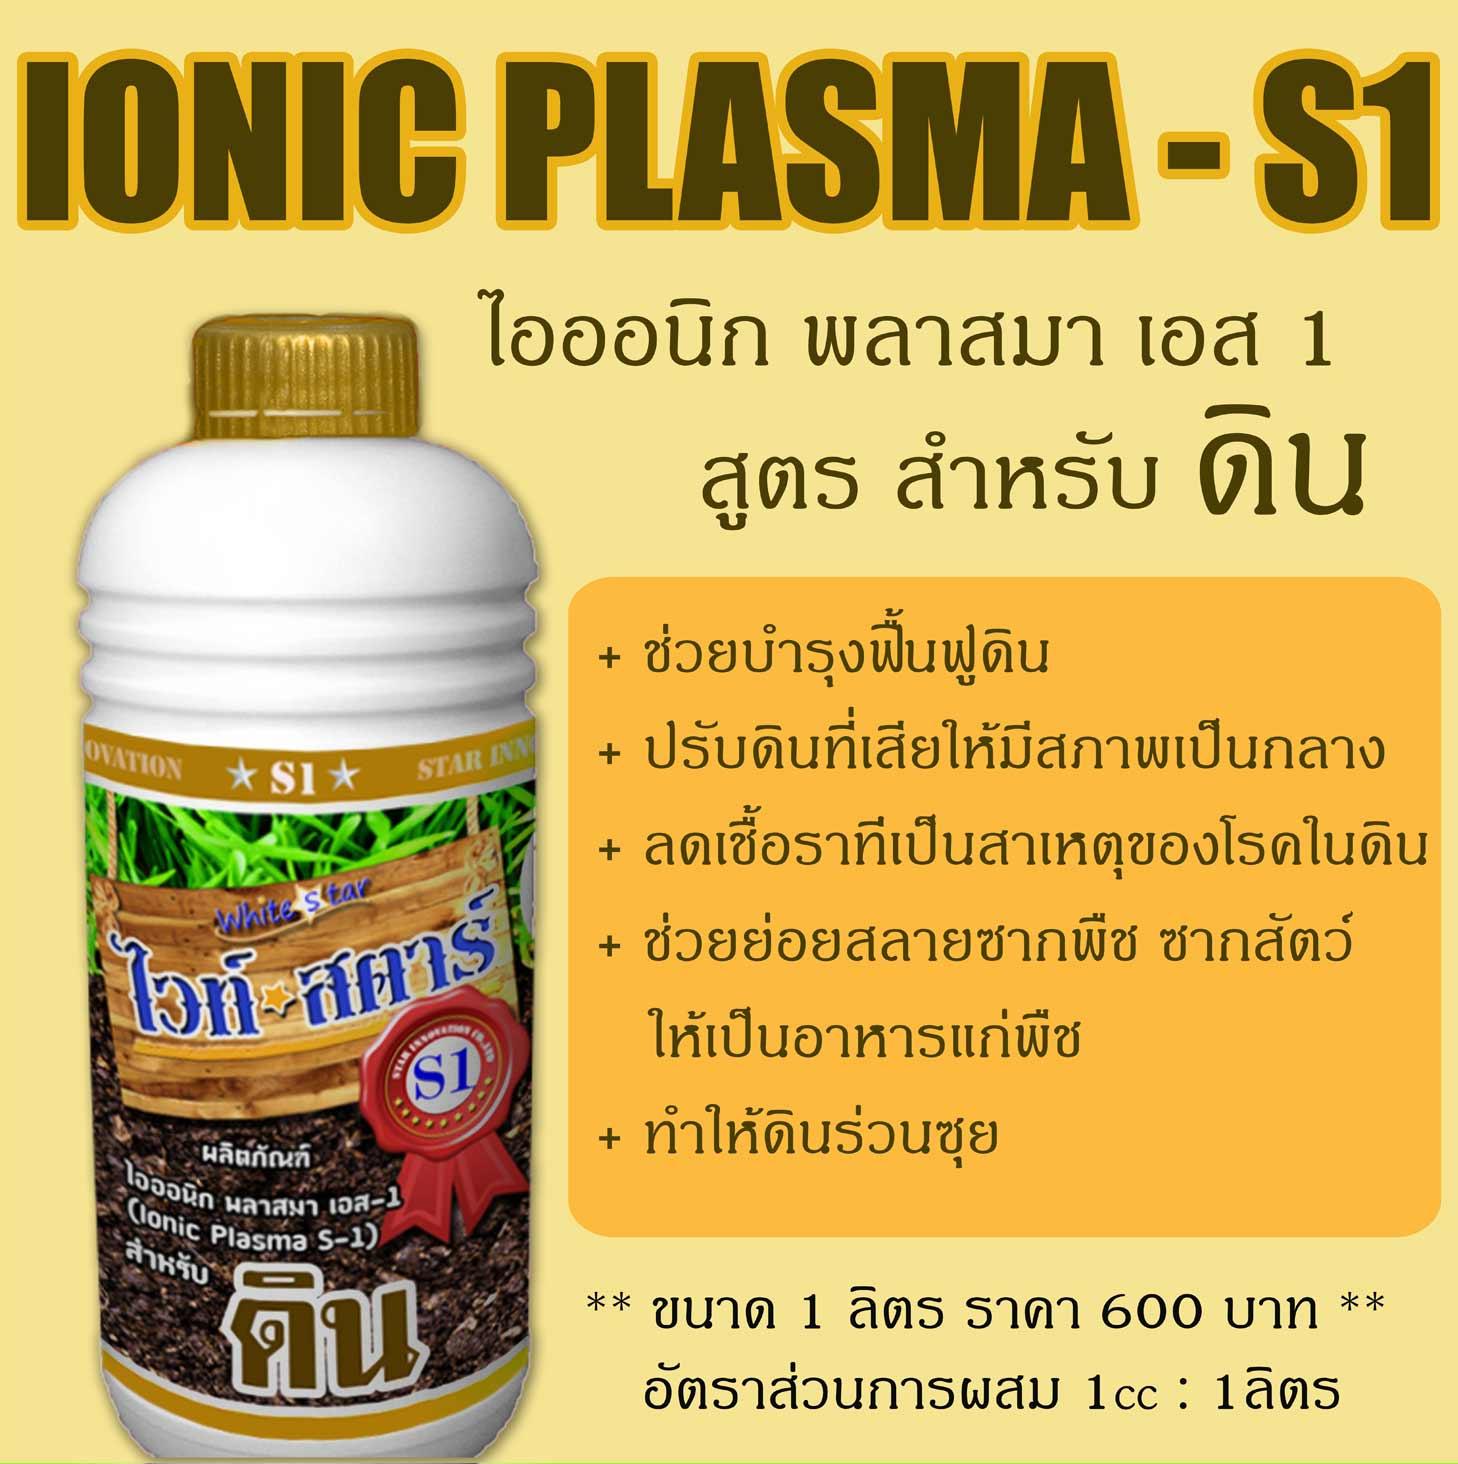 Ionic Plasma S1 ไอออนิก พลาสมา สำหรับ ดิน 1000 ml